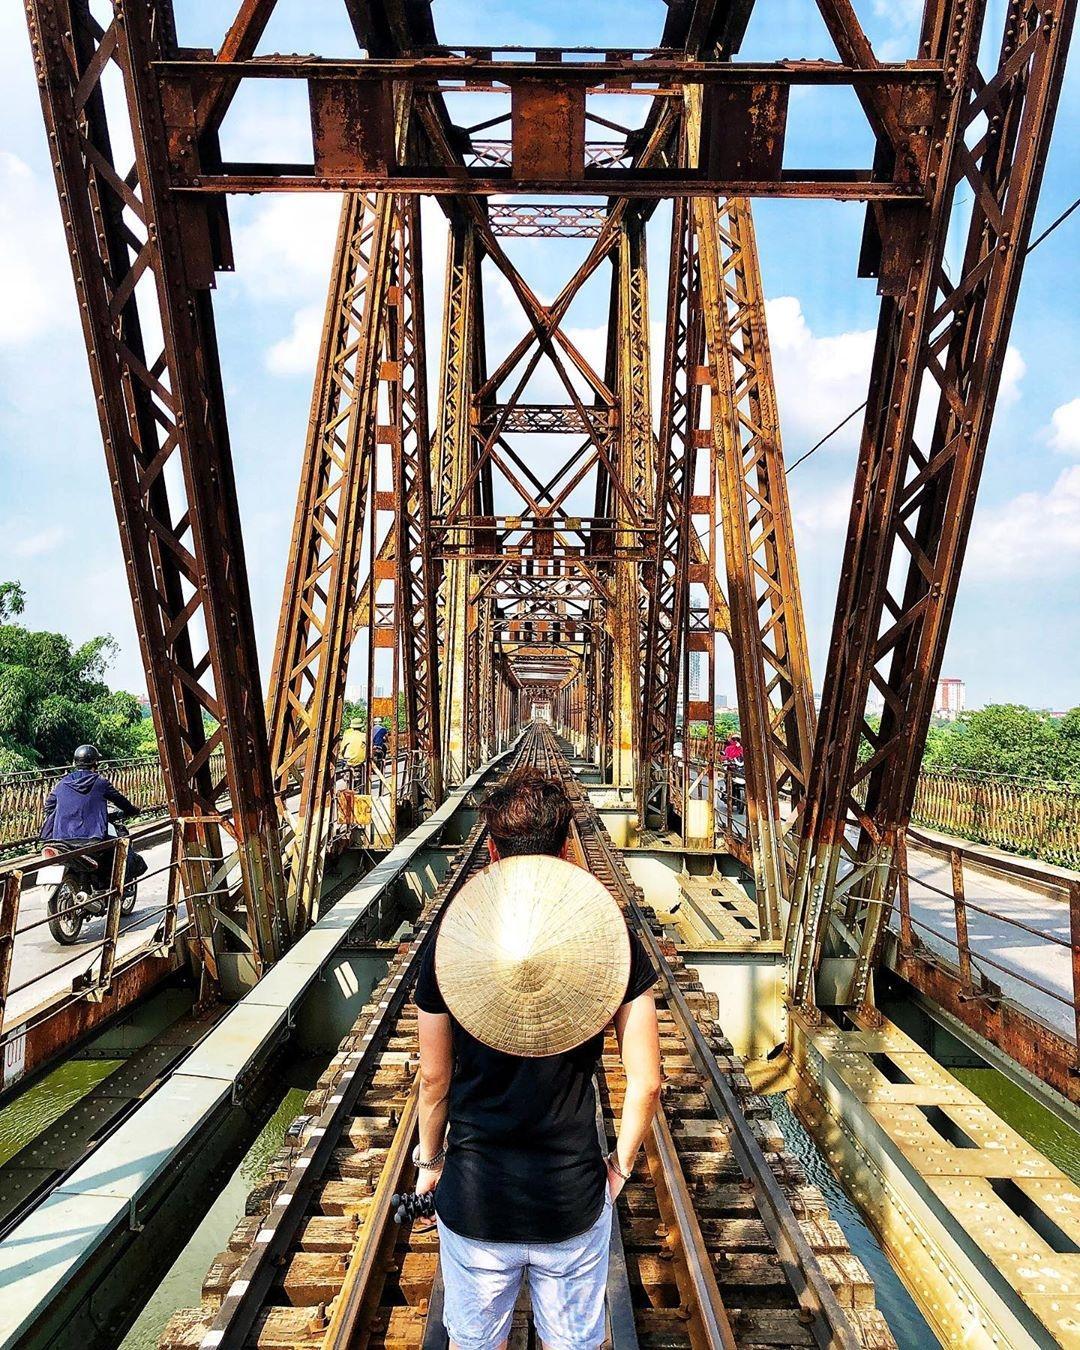 Bất chấp nguy hiểm, khách du lịch đổ xô đến cầu Long Biên chụp ảnh 'check-in' Ảnh 9